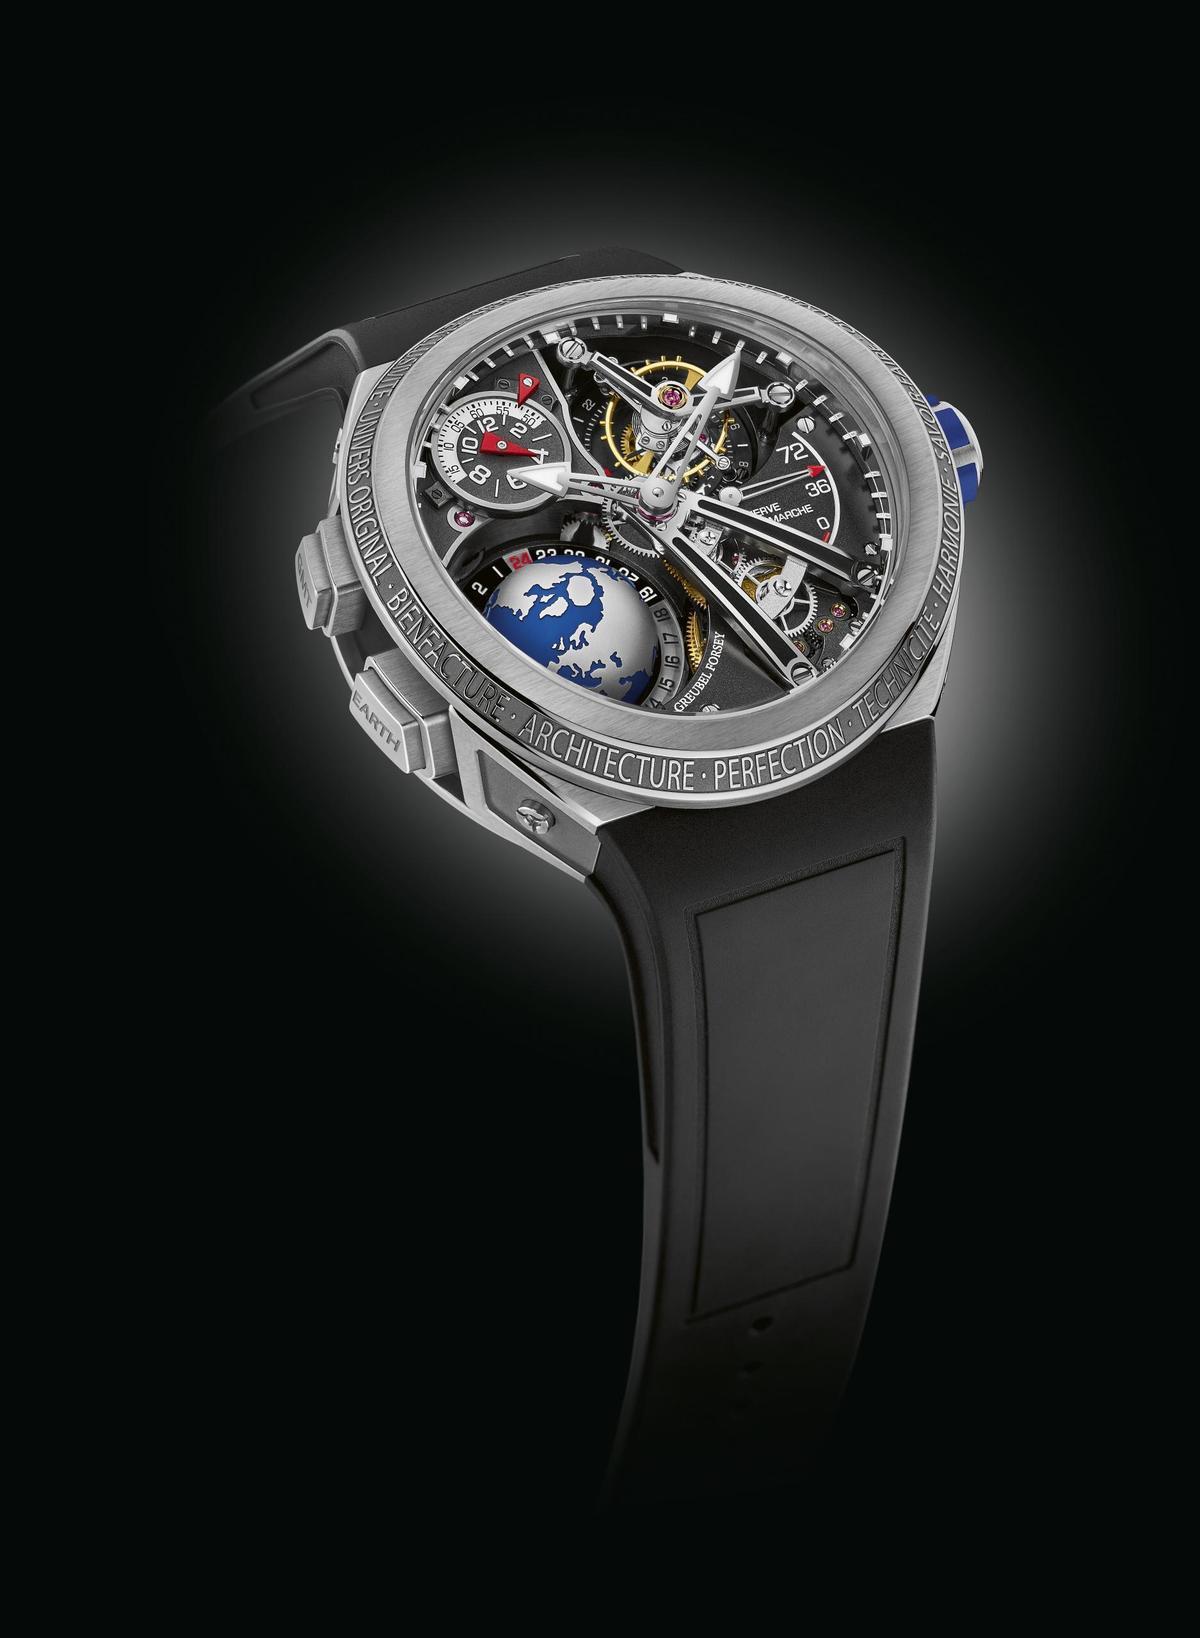 GREUBEL FORSEY第一款運動錶:GMT Sport,兼容品牌多項經典的特色與複雜結構,像是立體地球以及24秒陀飛輪。定價NT$17,200,000。